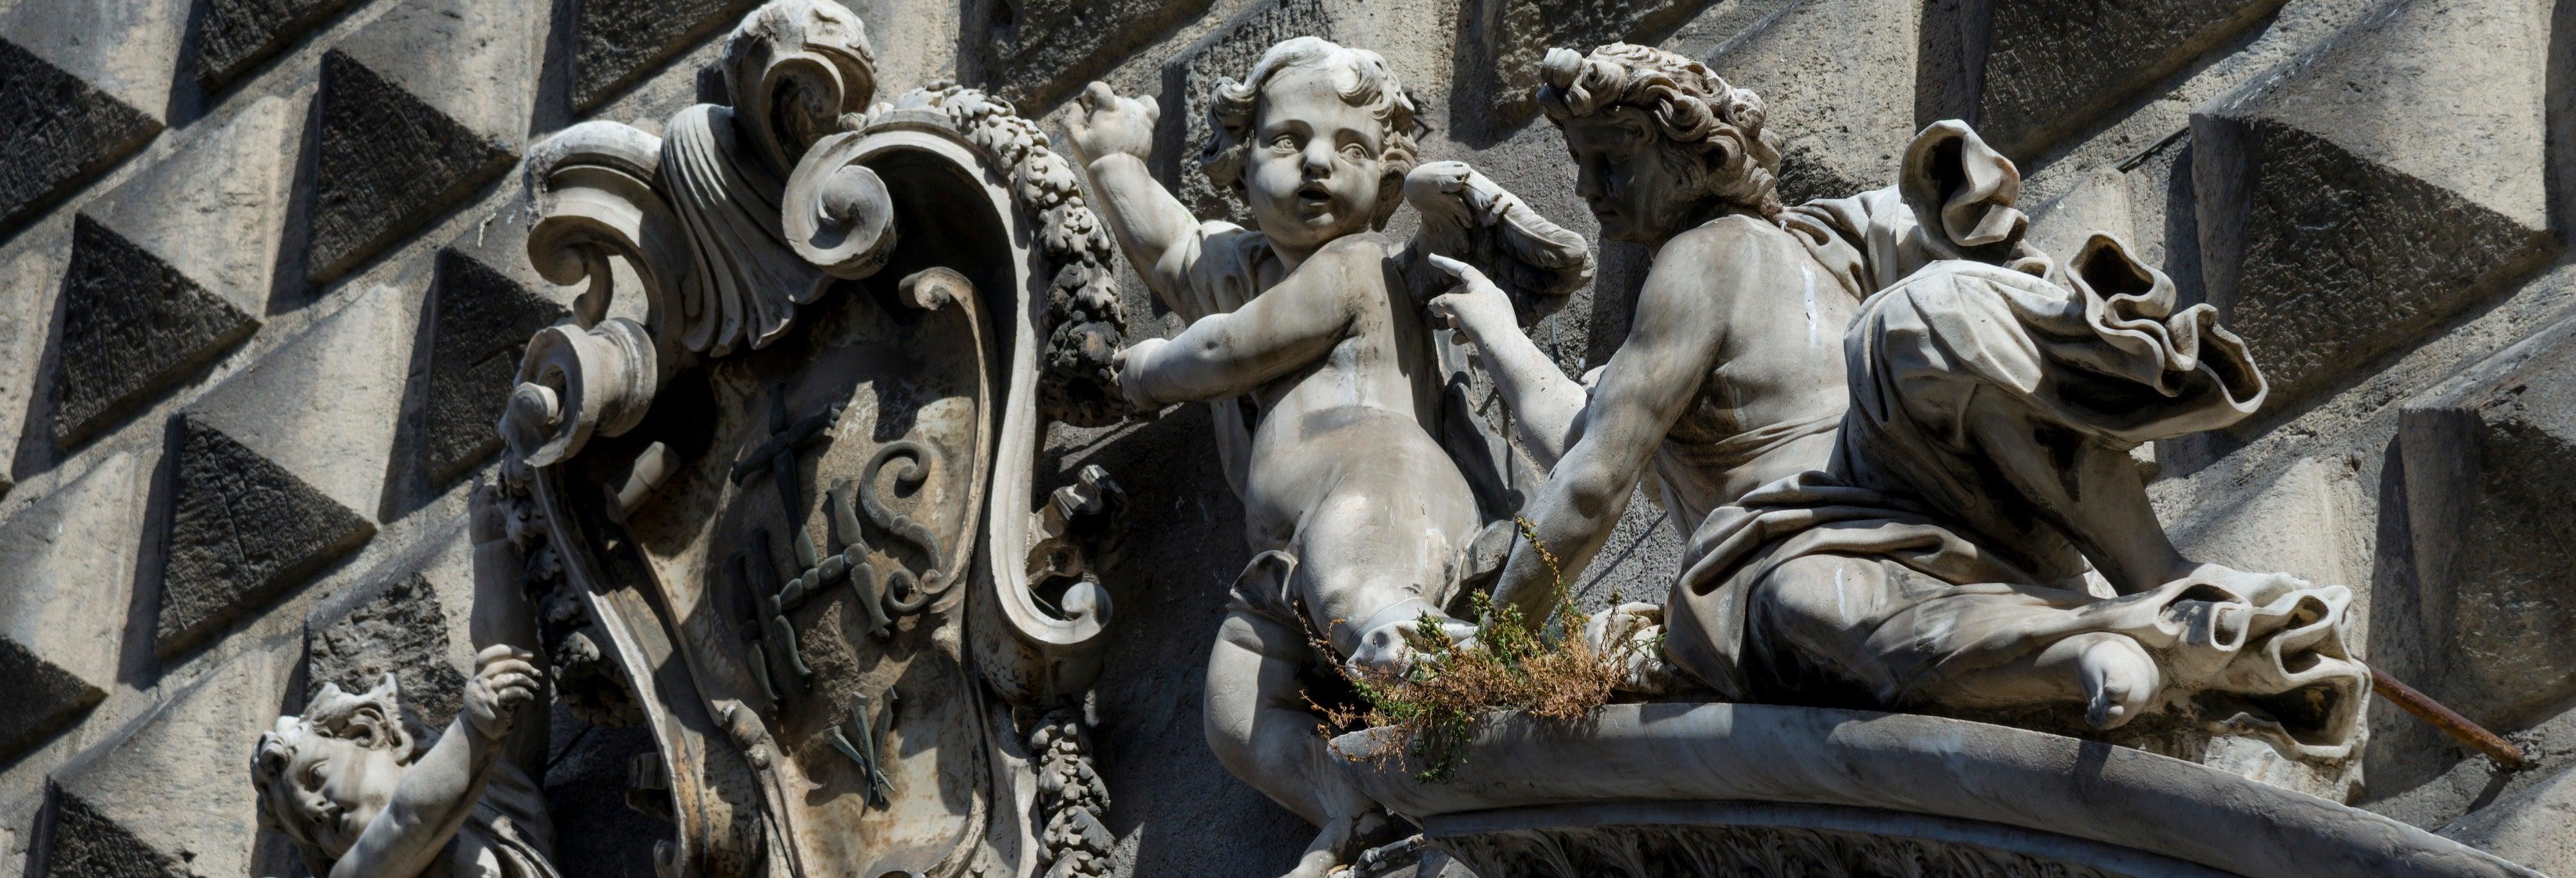 Tour de los misterios y leyendas de Nápoles